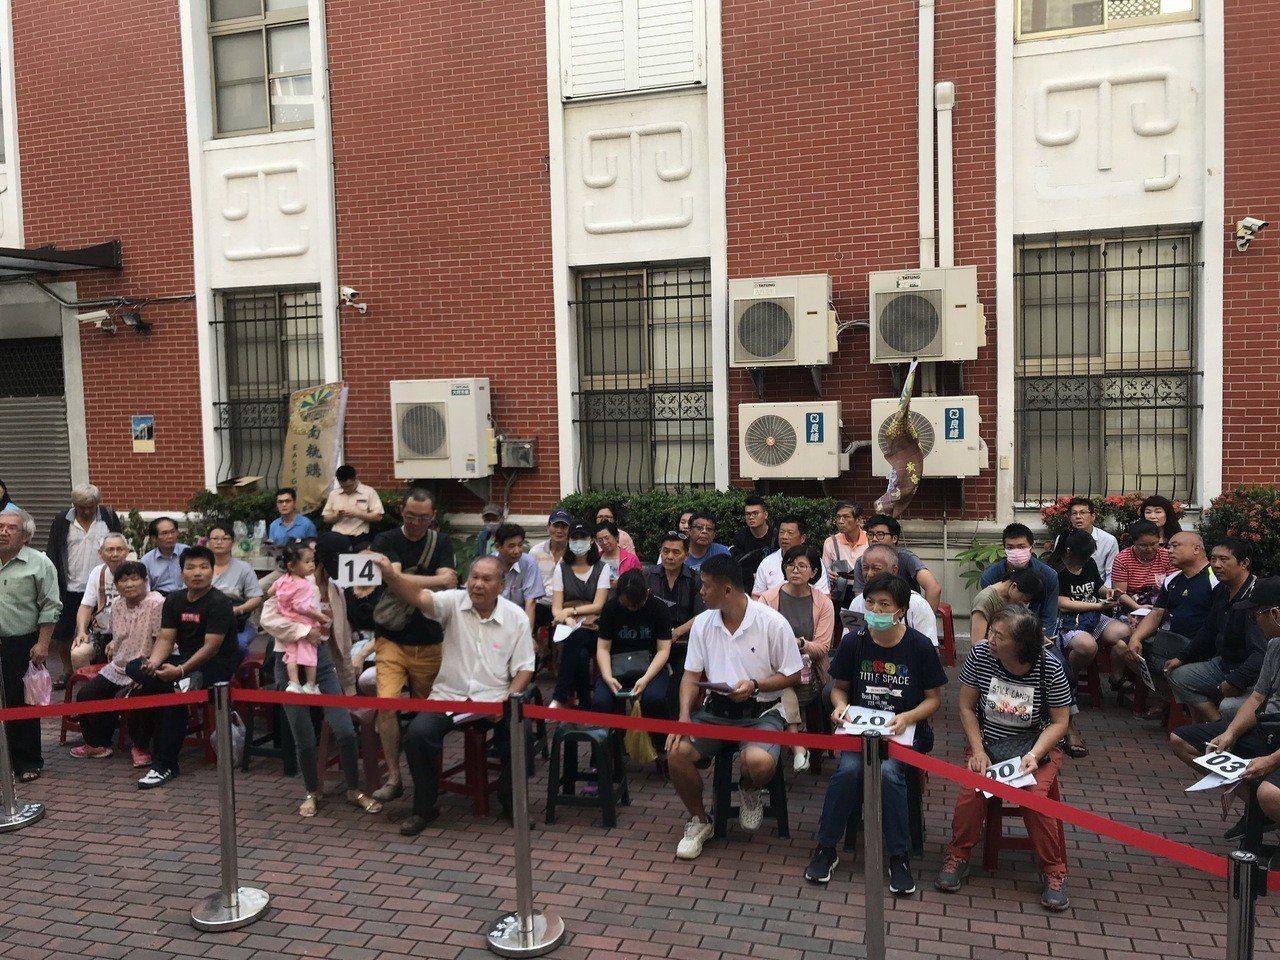 台南分署舉辦鳳凰城法拍會,民眾熱烈應買。圖/台南分署提供